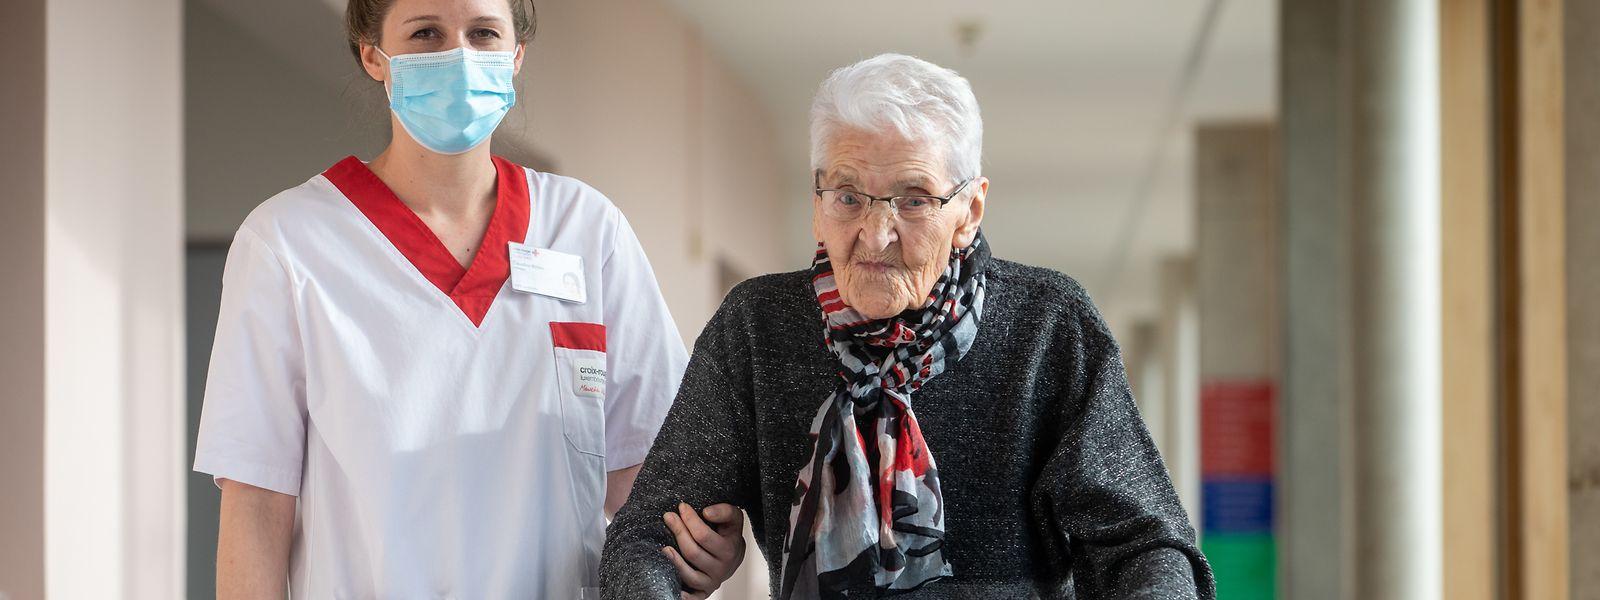 Die 100-jährige Fina Steffes mit Altenpflegerin Claudine Millen. Die Seniorin hatte keinerlei Beschwerden durch die Impfung.